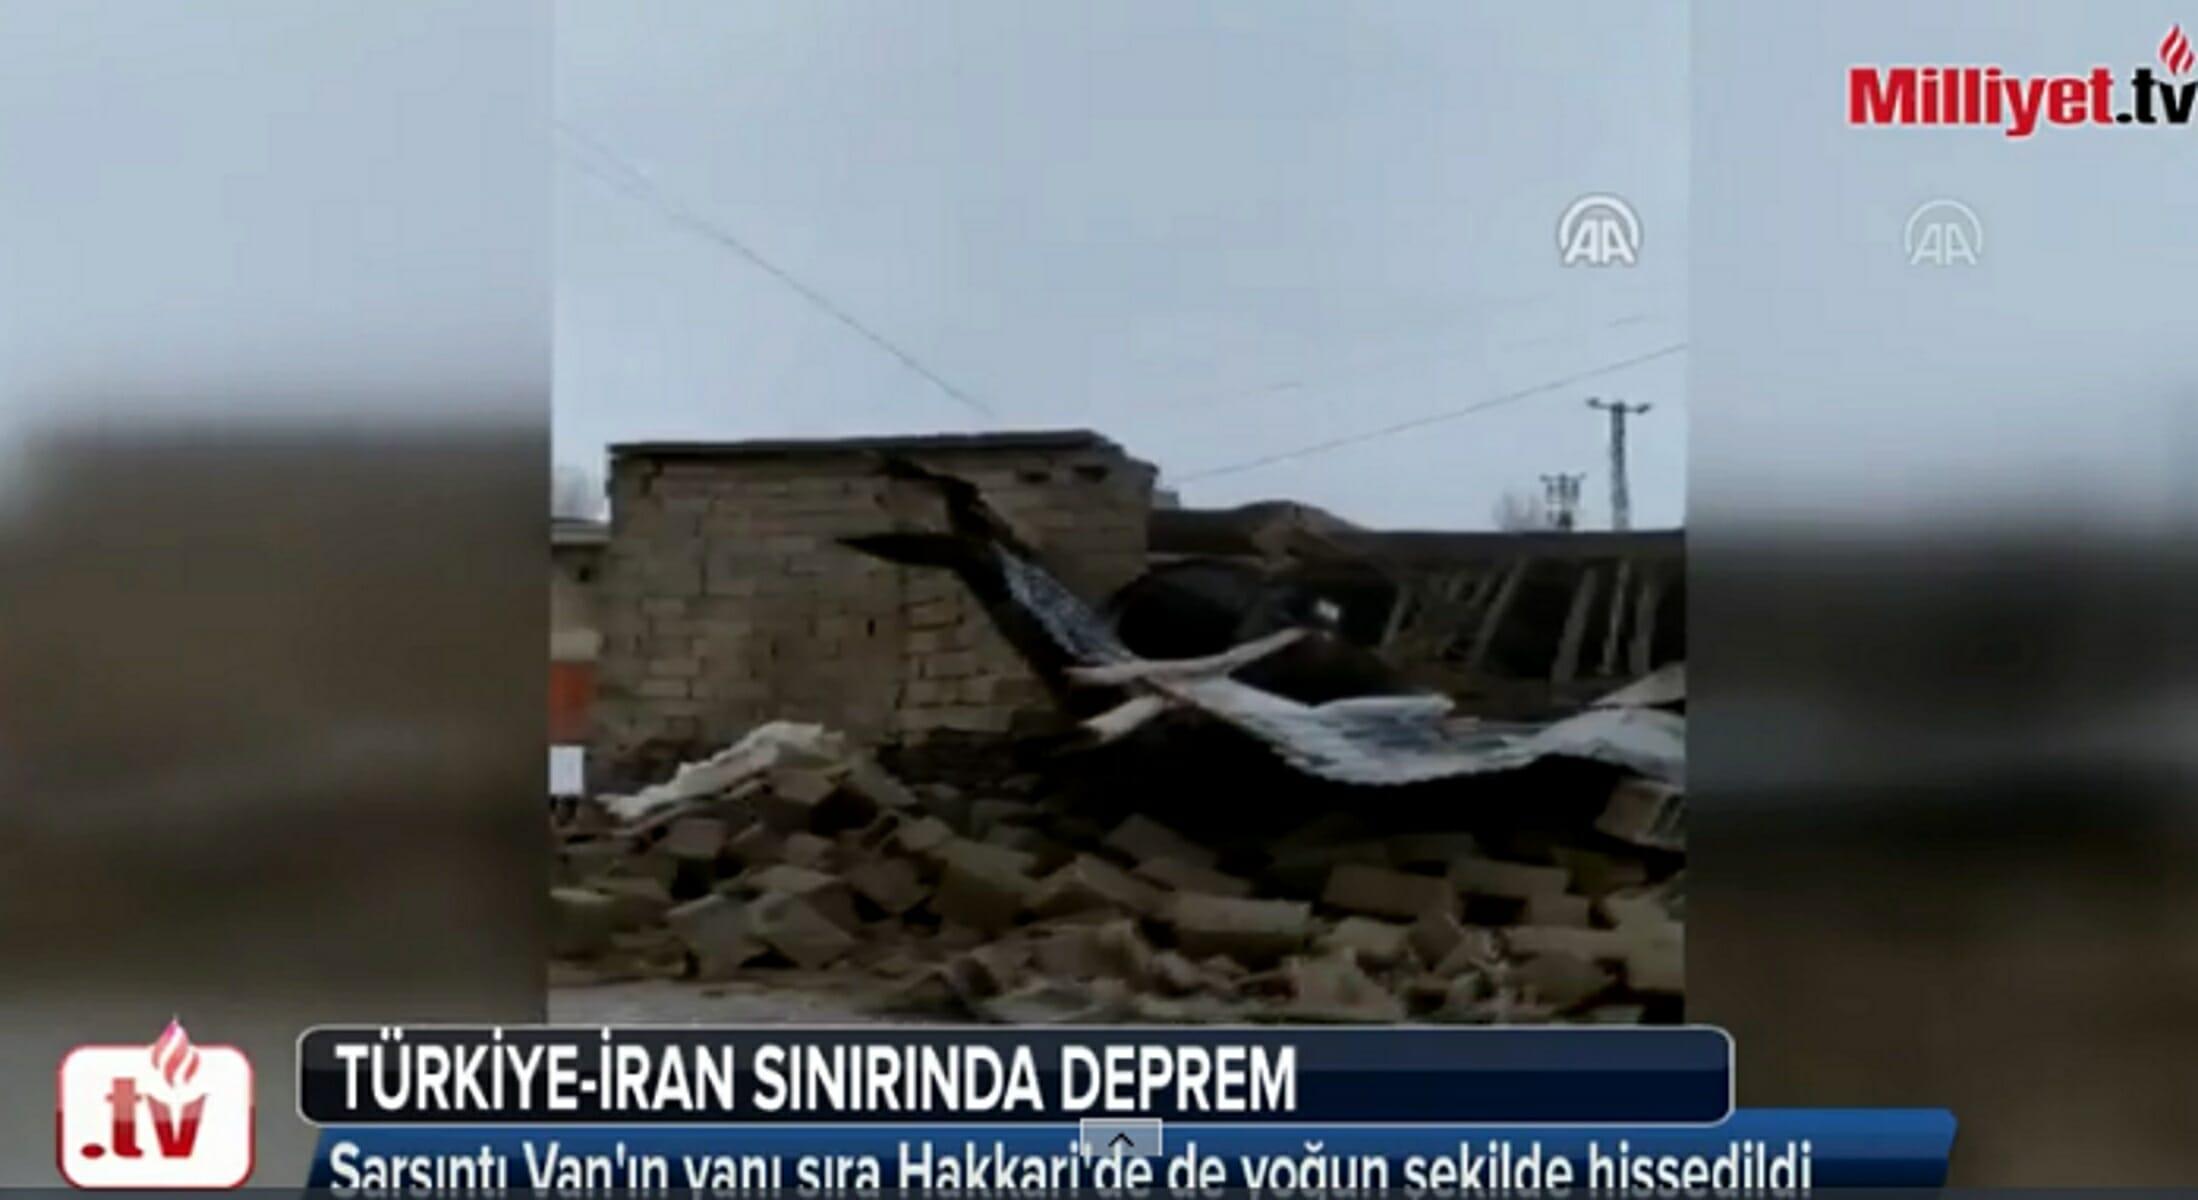 Σεισμός στην Τουρκία: Αυξάνονται συνεχώς οι νεκροί - Συγκλονιστικές εικόνες